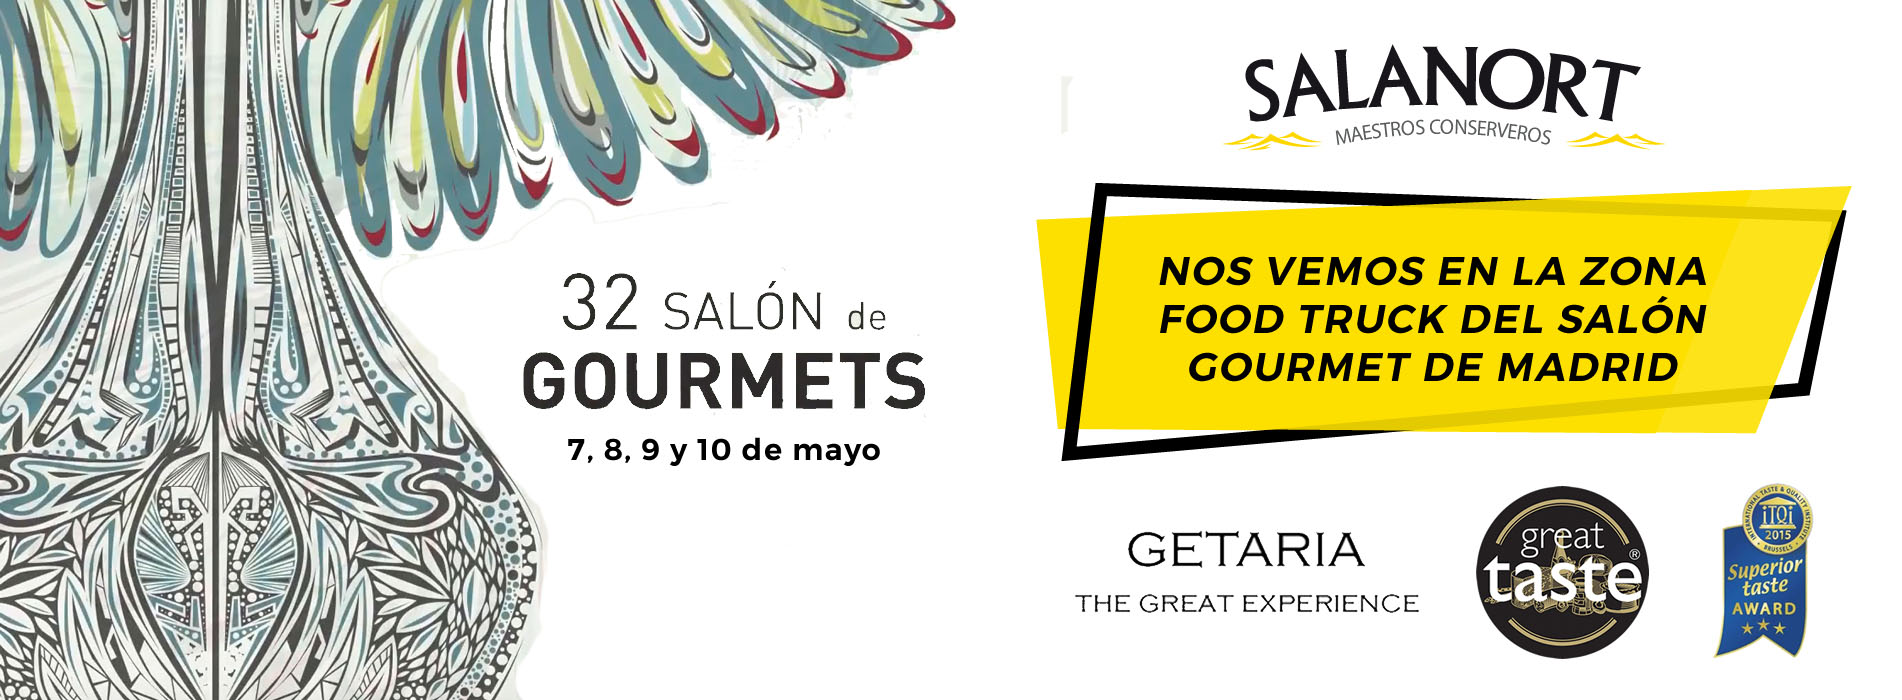 Salanort acudirá al 32º Salón de Gourmets en Madrid, la cita será el 7, 8, 9 y 10 de mayo.